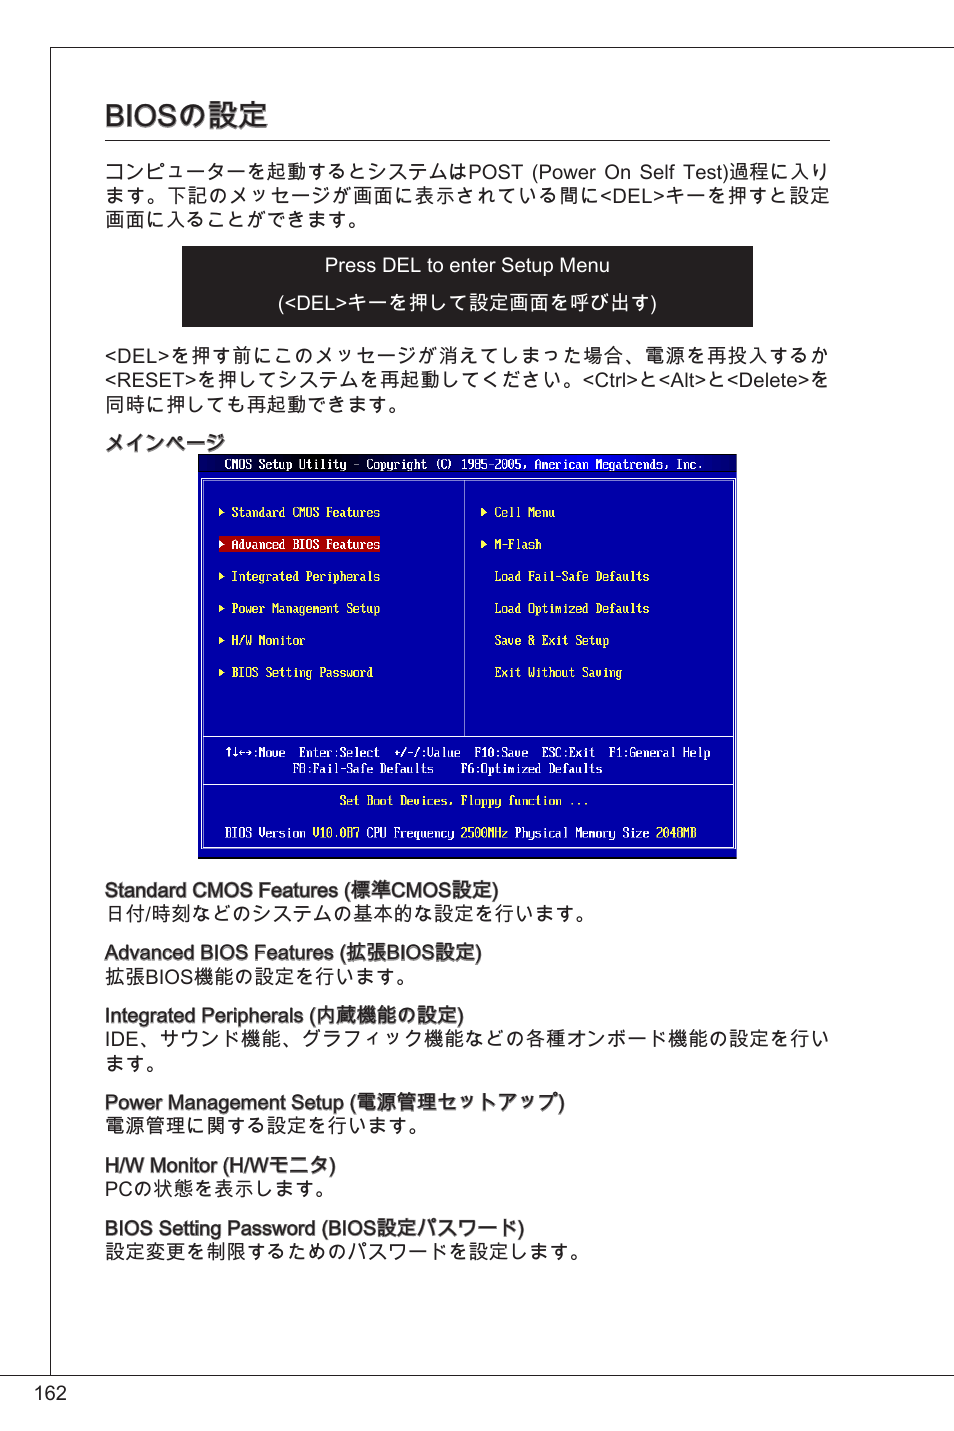 Biosの設定 | MSI NF725GM-P31 User Manual | Page 162 / 169 | Original